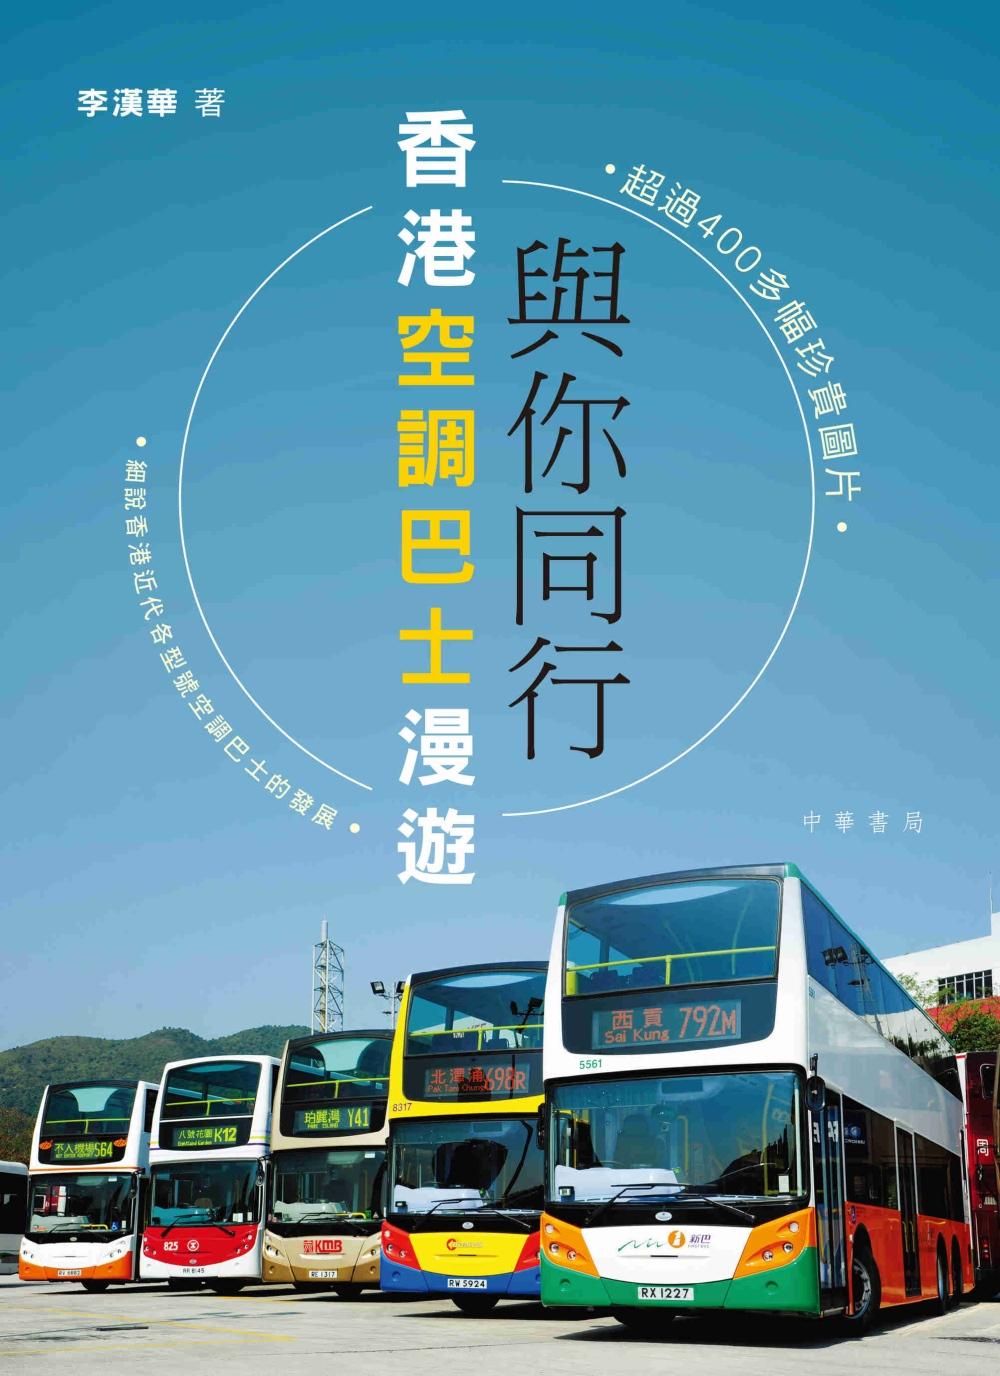 與你同行:香港空調巴士漫遊